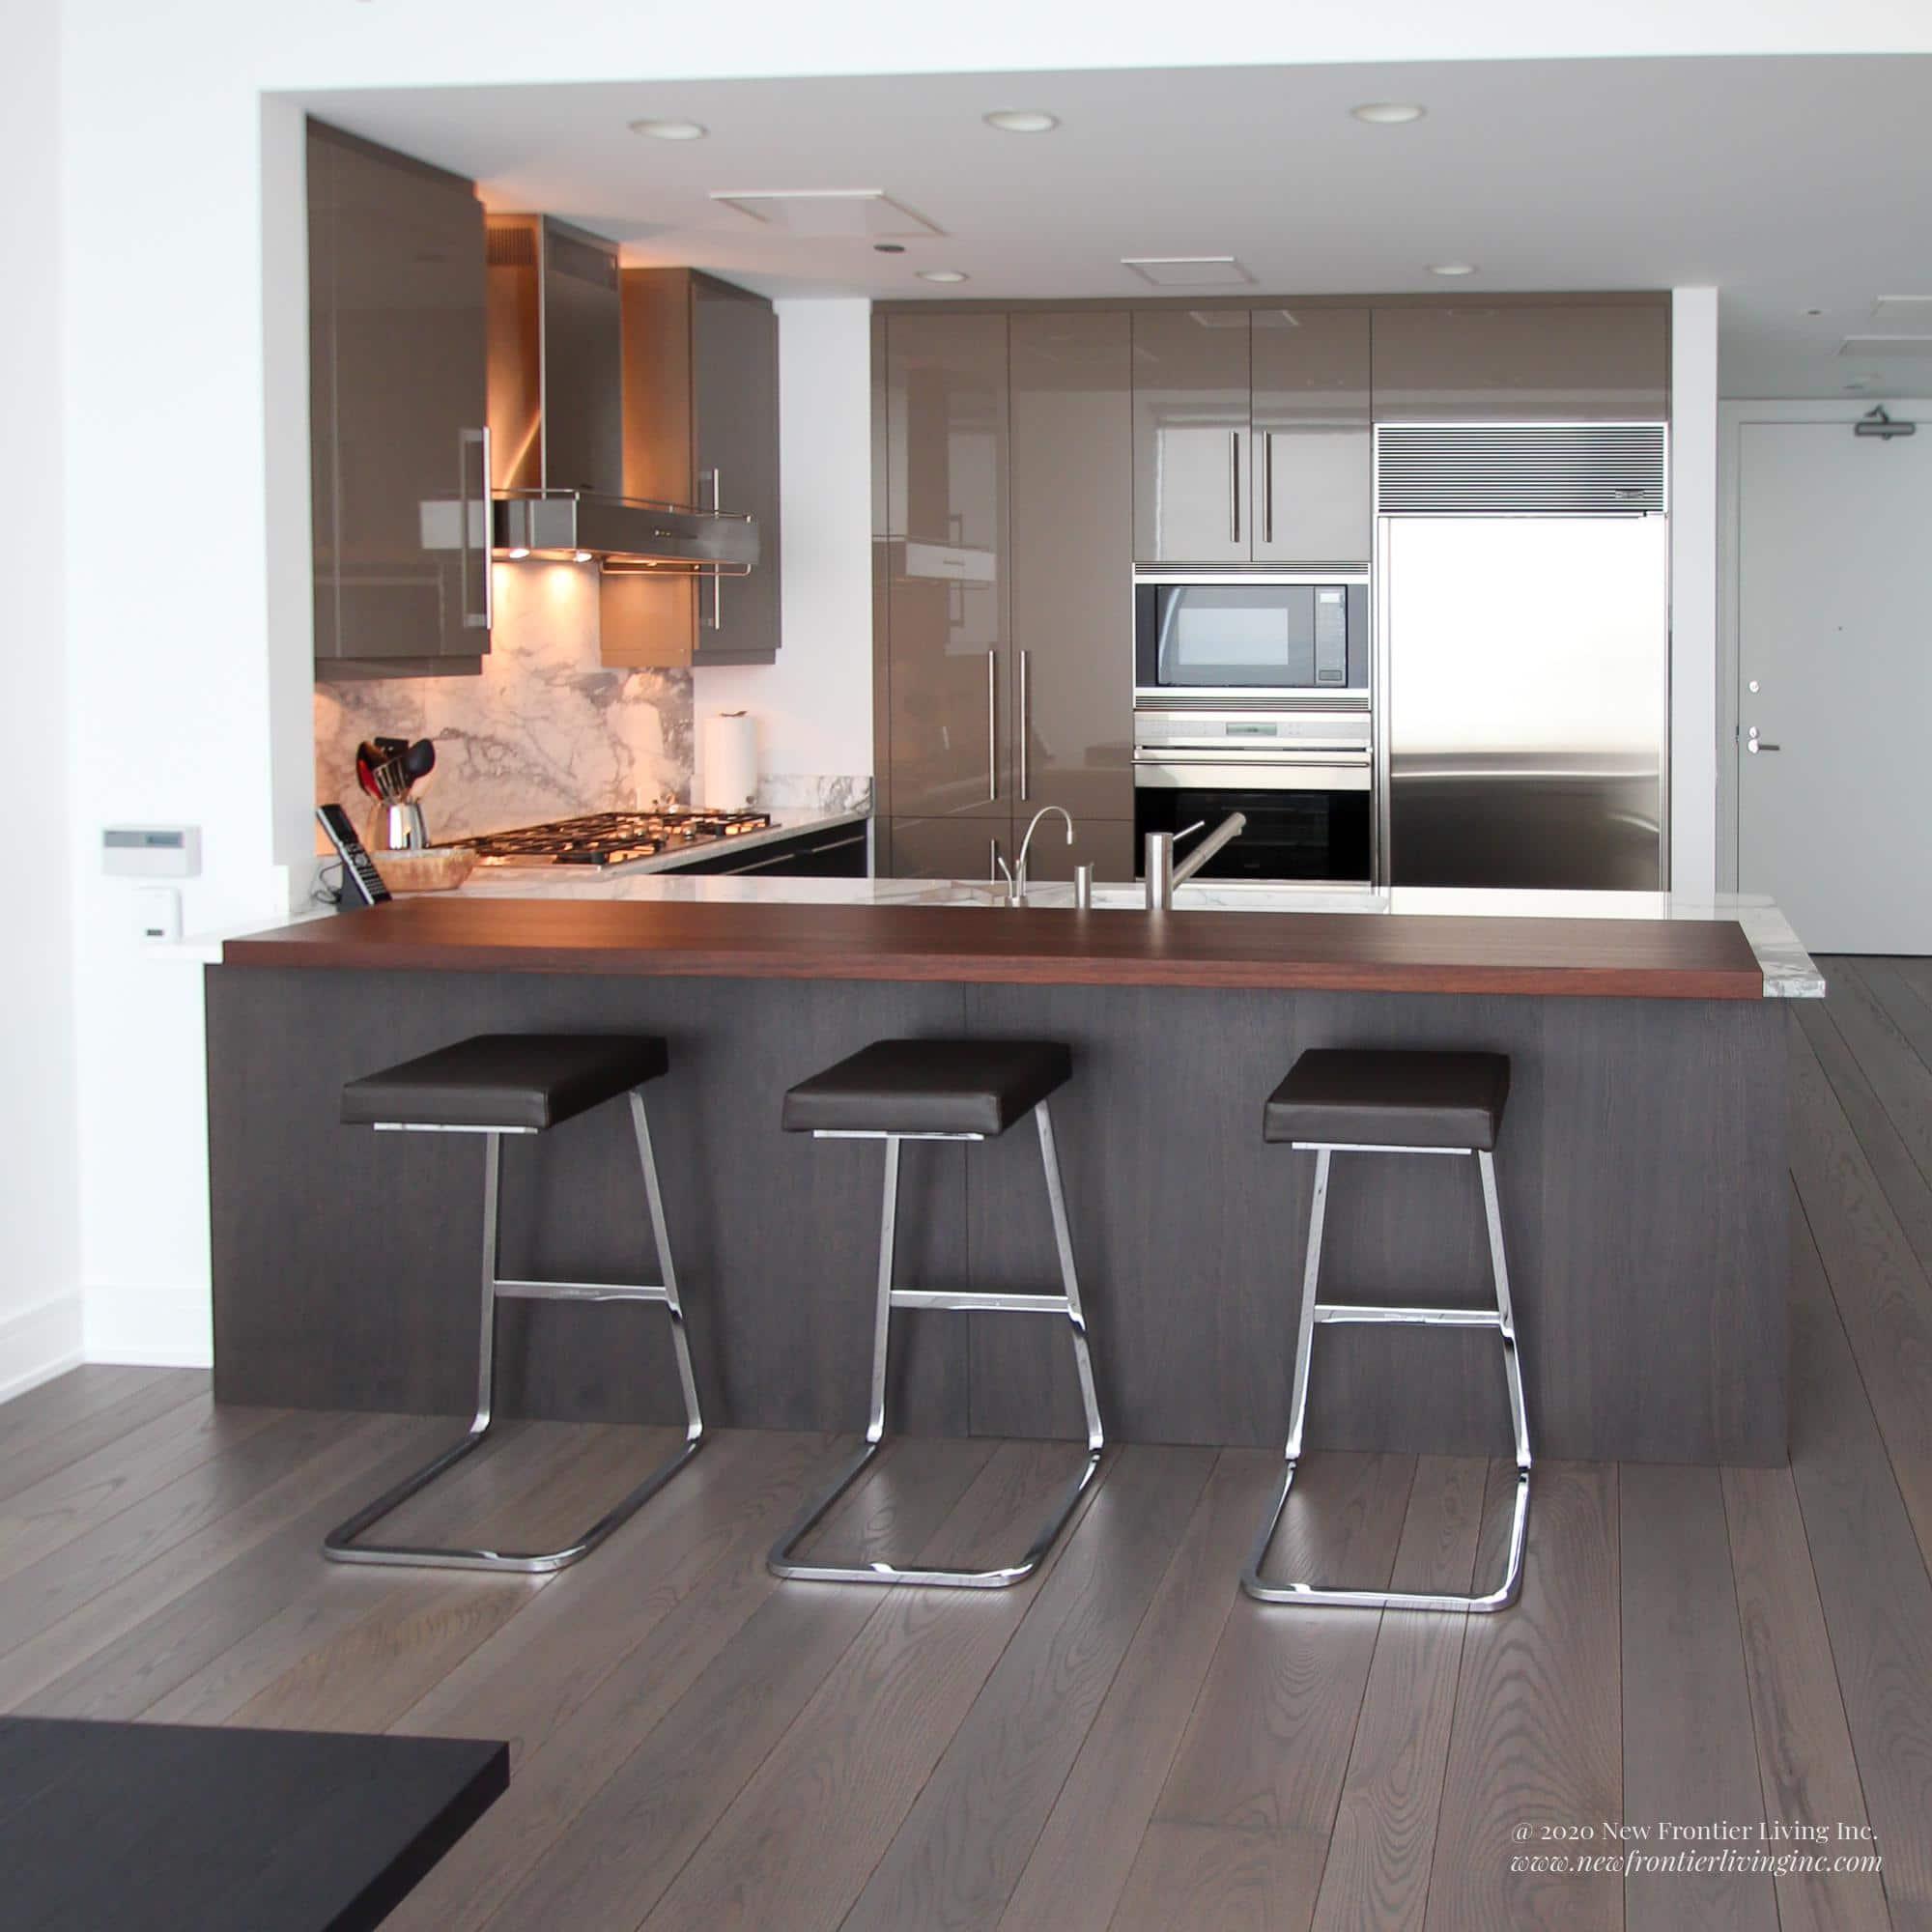 Dark gray kitchen island with white granite counter and three stools